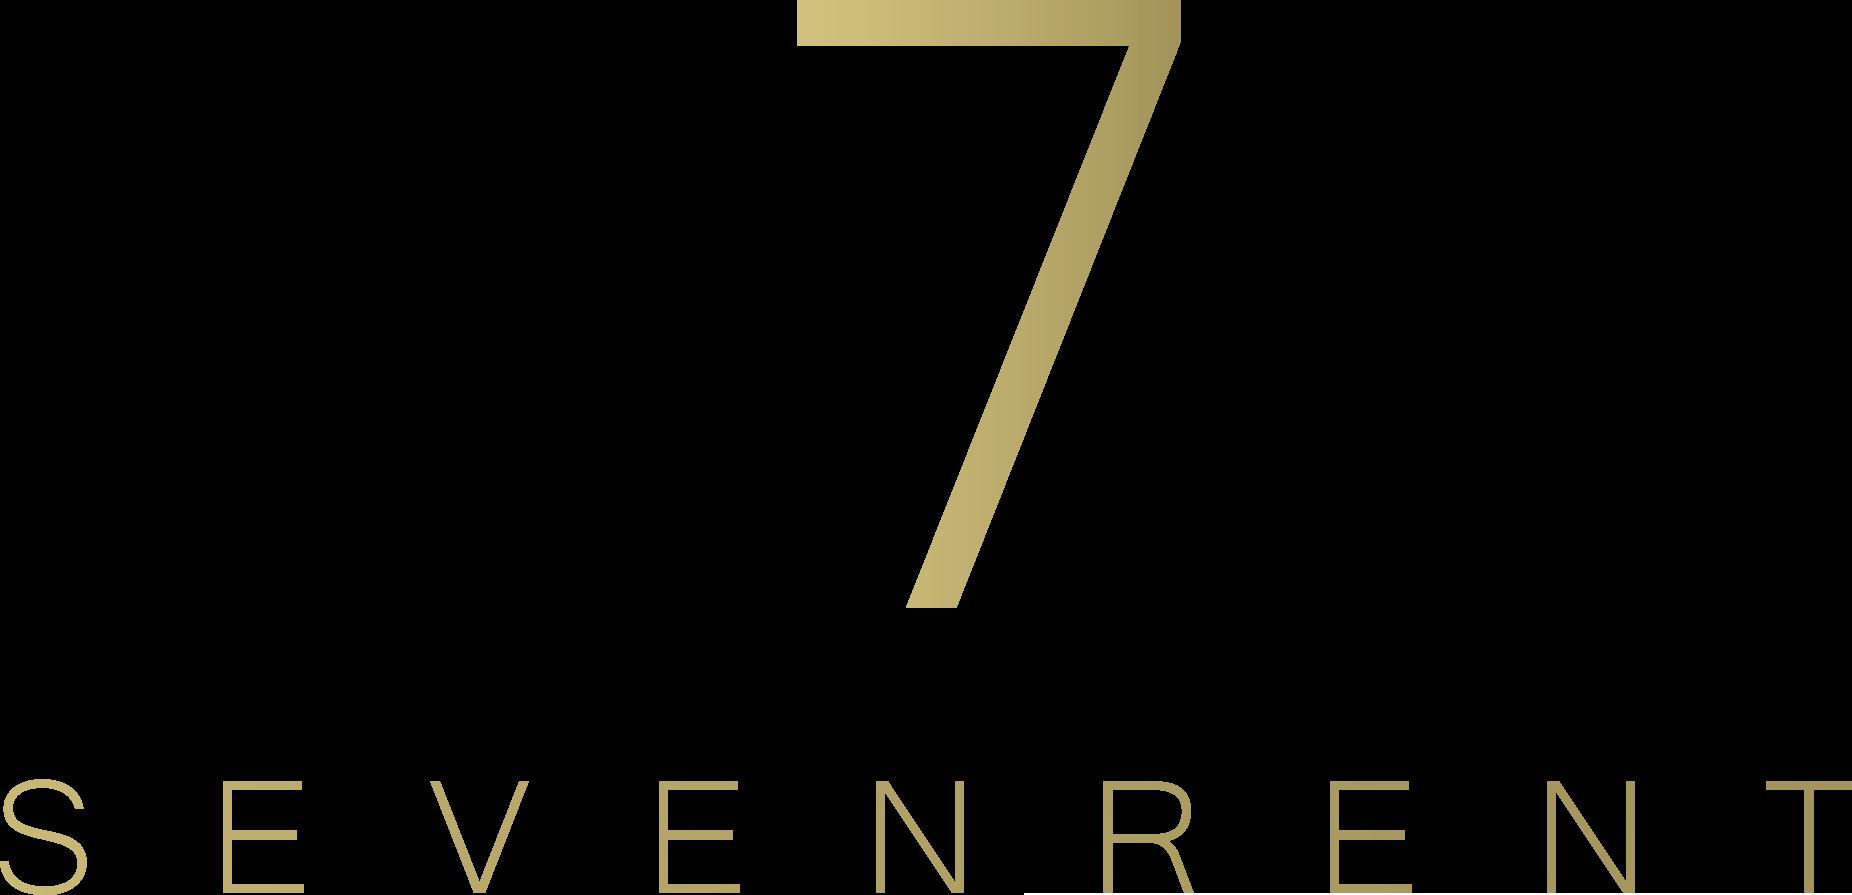 SEVEN RENT – Fahrzeugvermietung